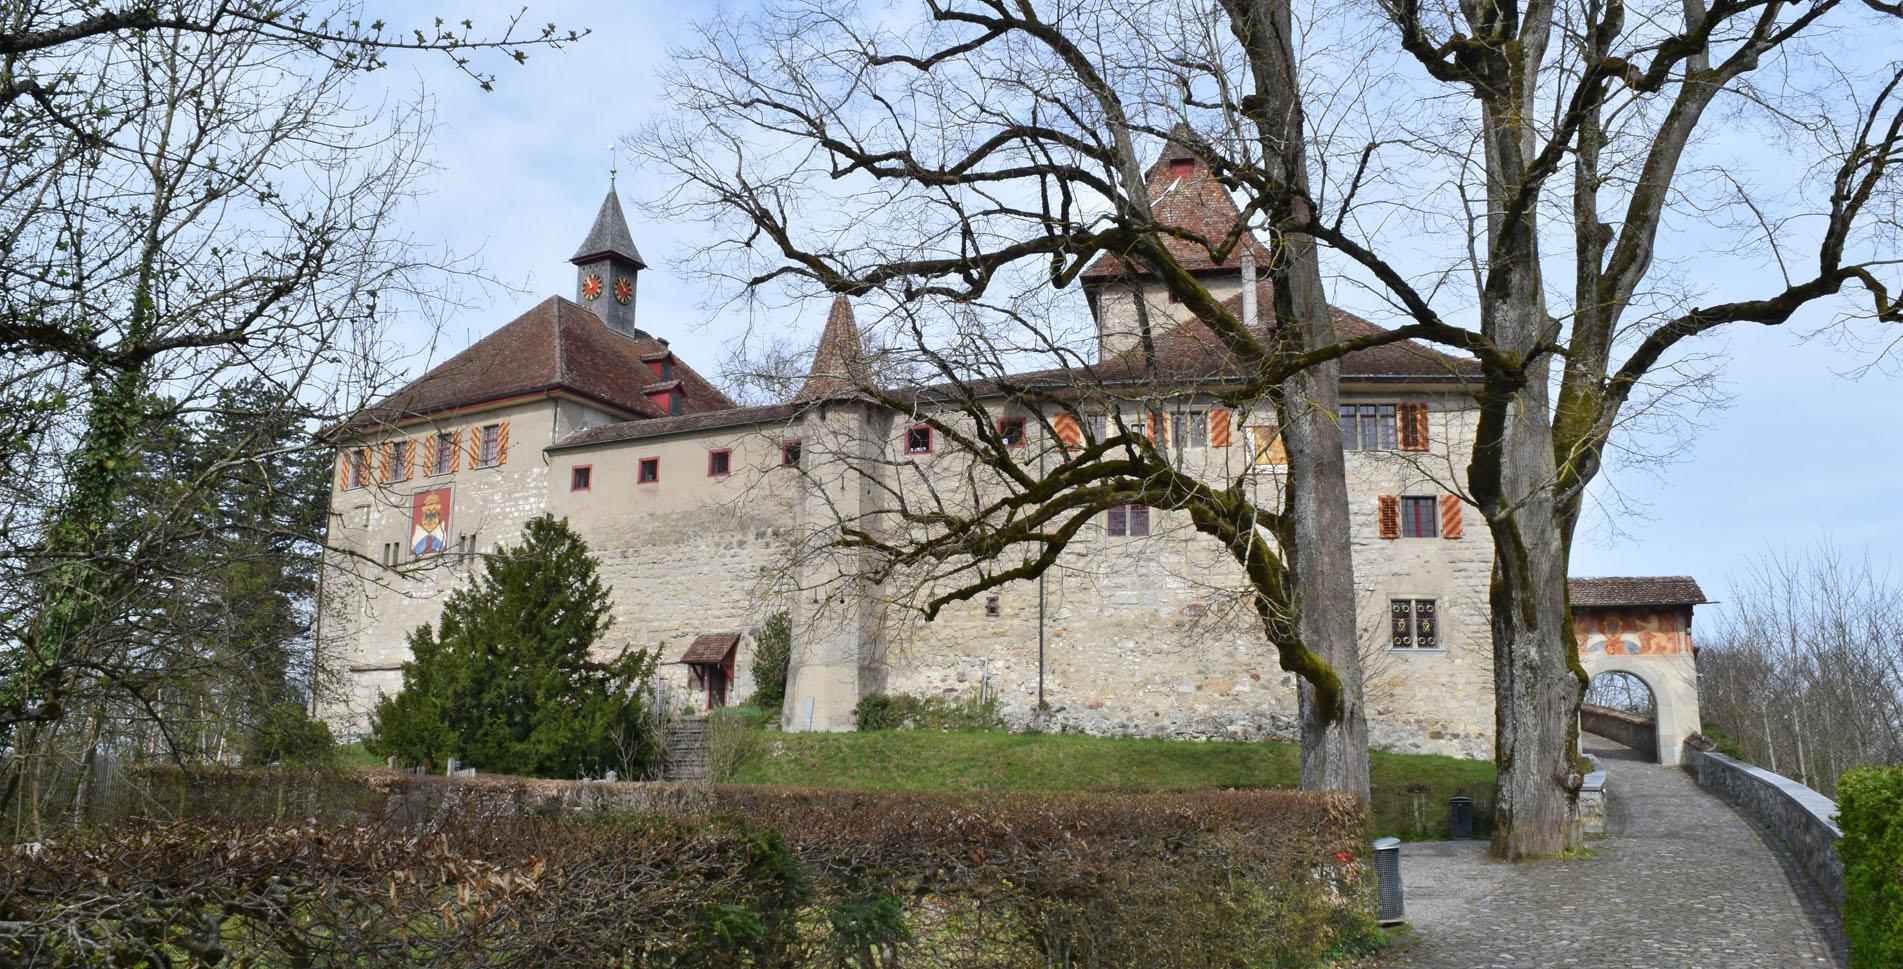 Wanderung vom Schloss Kyburg via Eschenberg und Wildpark Bruderhaus nach Winterthur